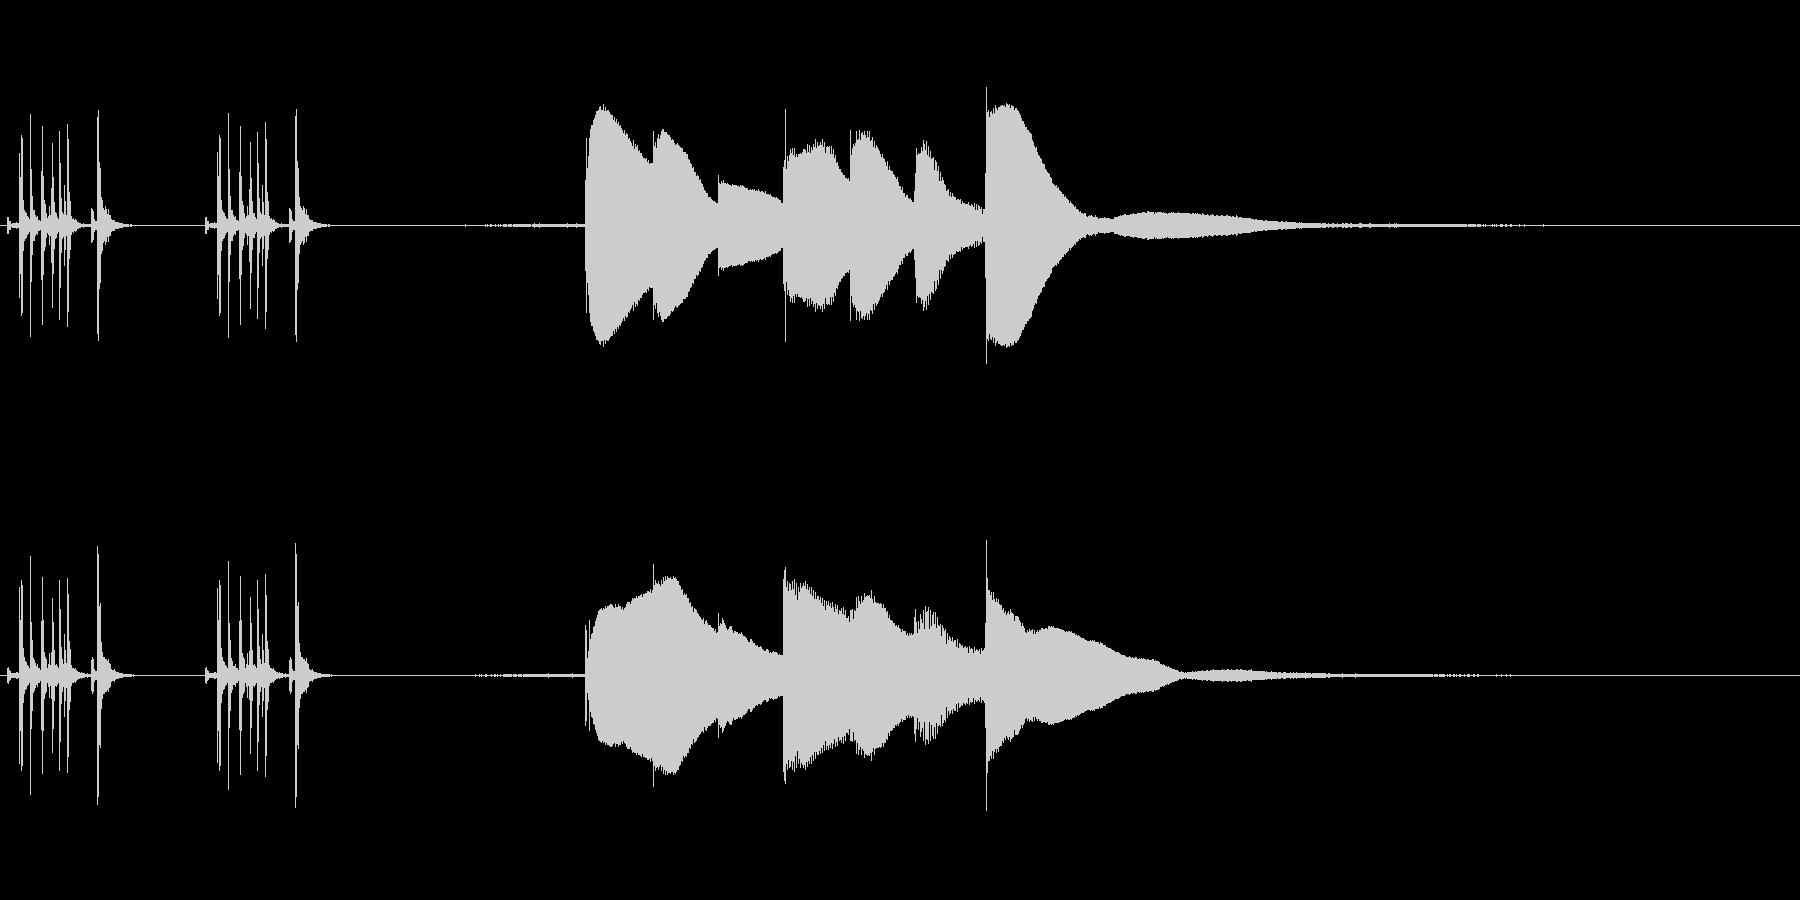 ジングル用オルゴール楽曲09-1の未再生の波形